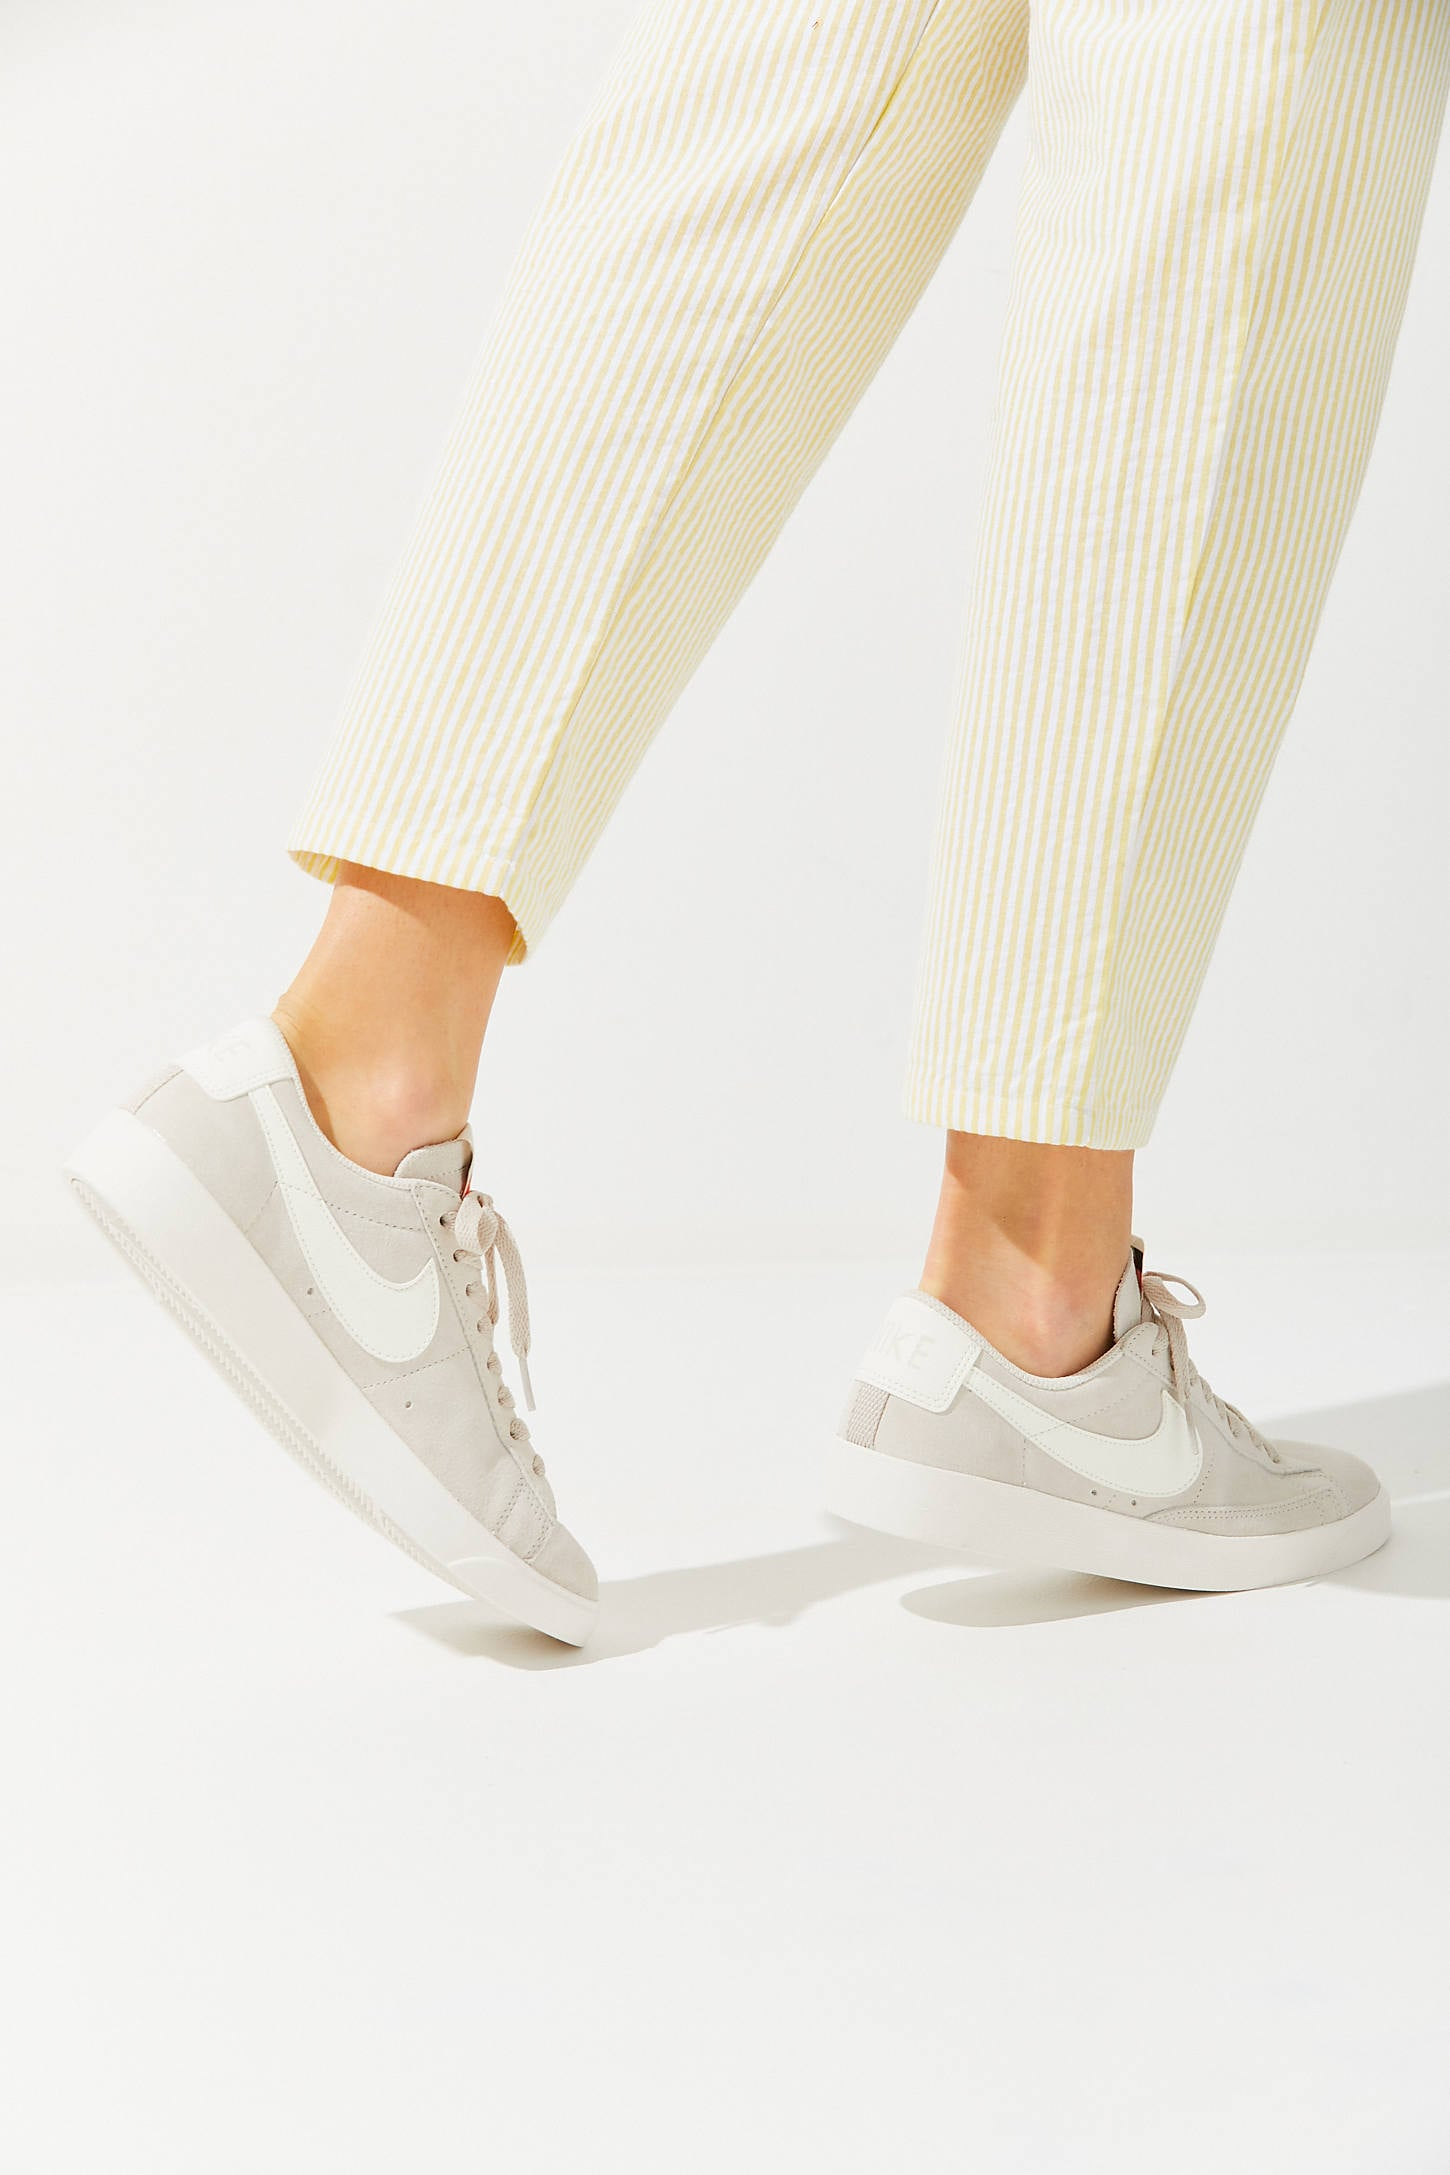 Nike Blazer Low Suede Sneaker | 14 Cool